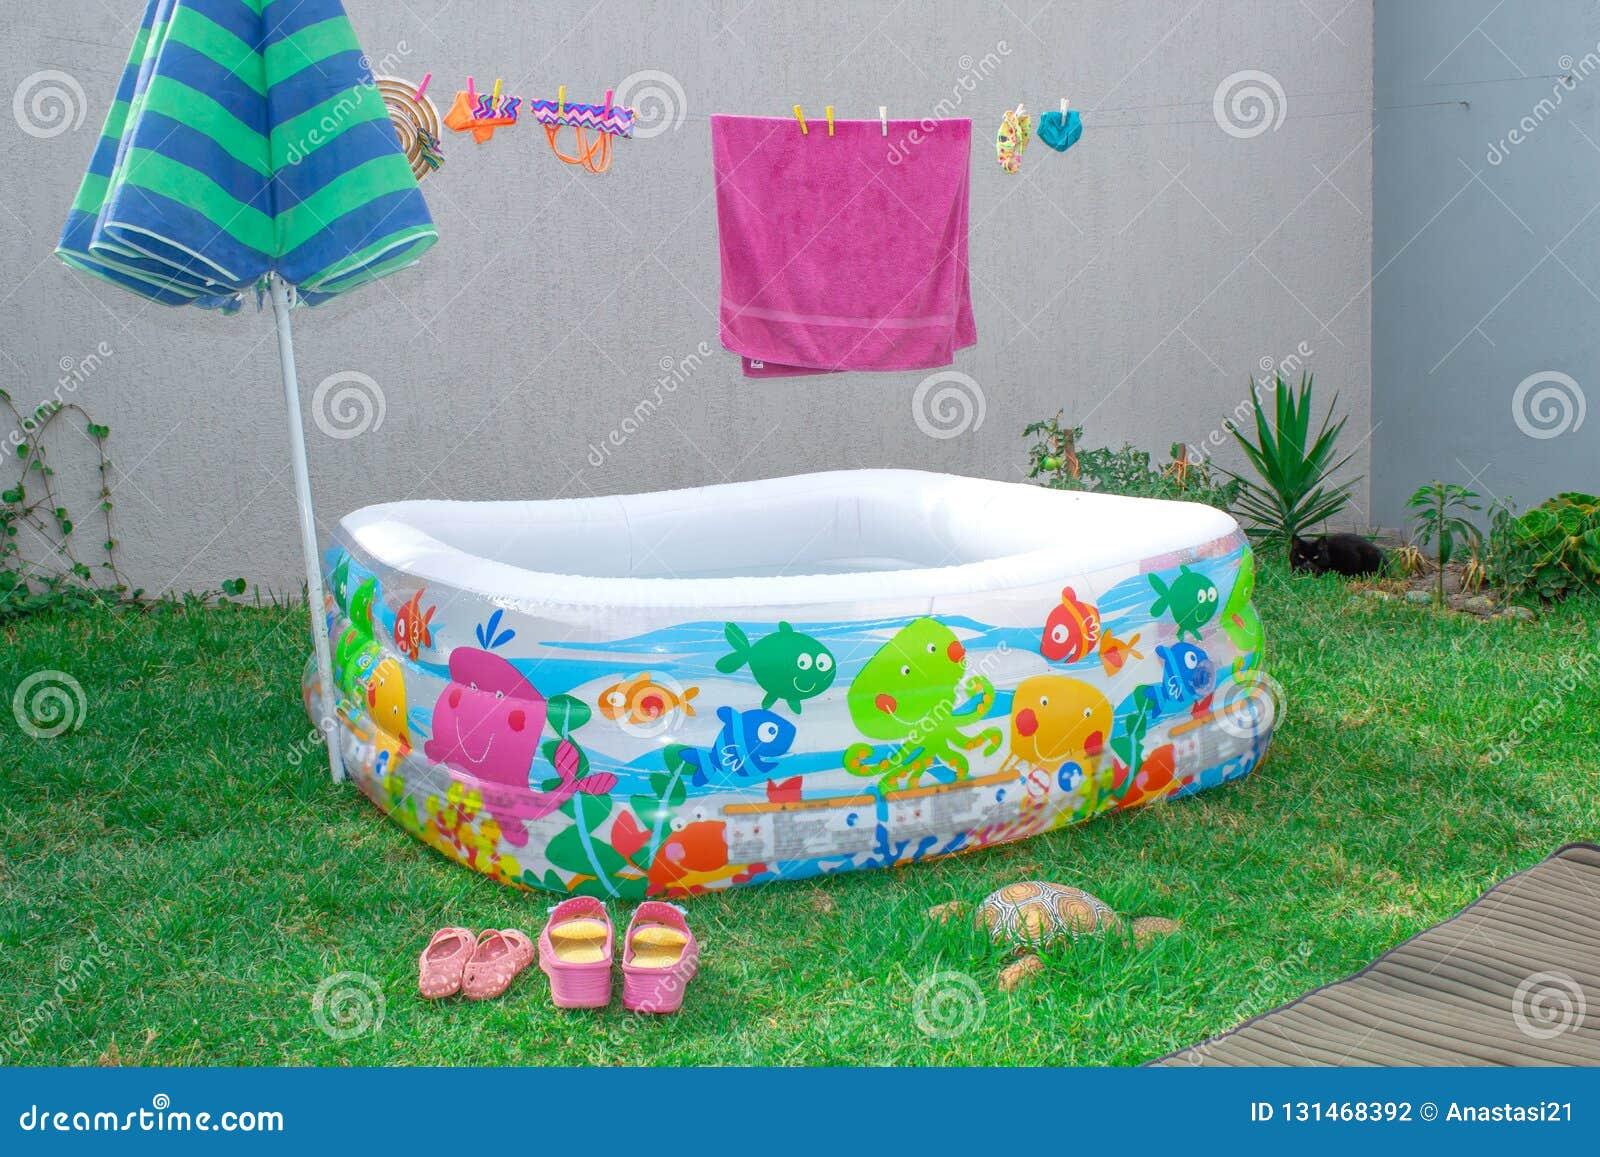 Aufblasbares Pool im Garten, mit einem Regenschirm